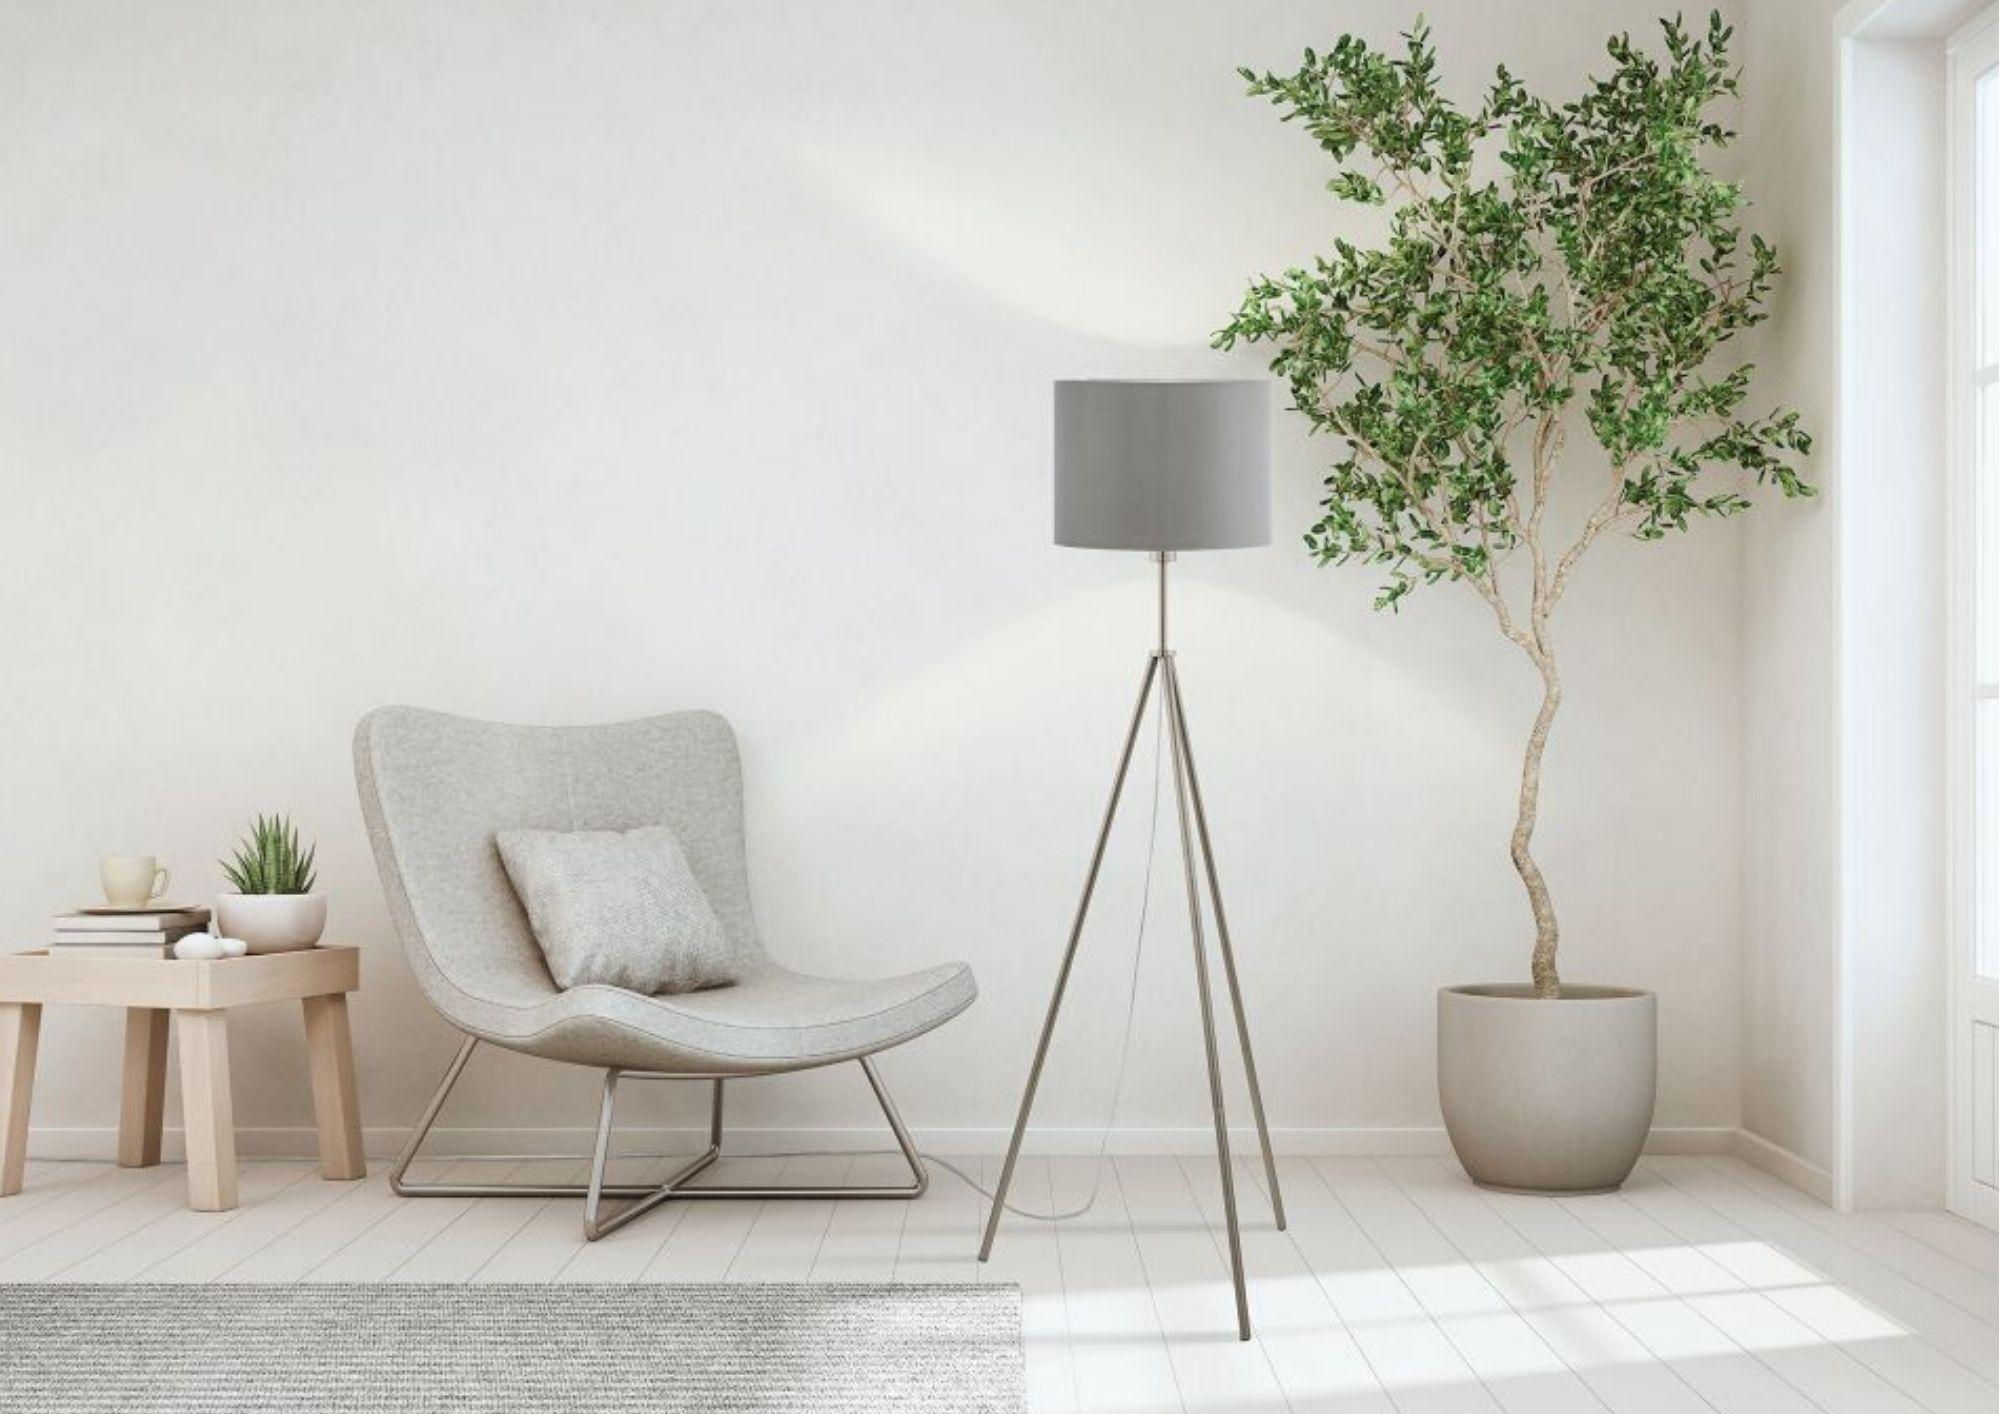 Full Size of Wohnzimmer Stehlampe Modern Stehlampen Tripod Einrichten Mit Dreibein Vinylboden Moderne Deckenleuchte Modernes Sofa Led Lampen Deckenlampe Indirekte Wohnzimmer Wohnzimmer Stehlampe Modern